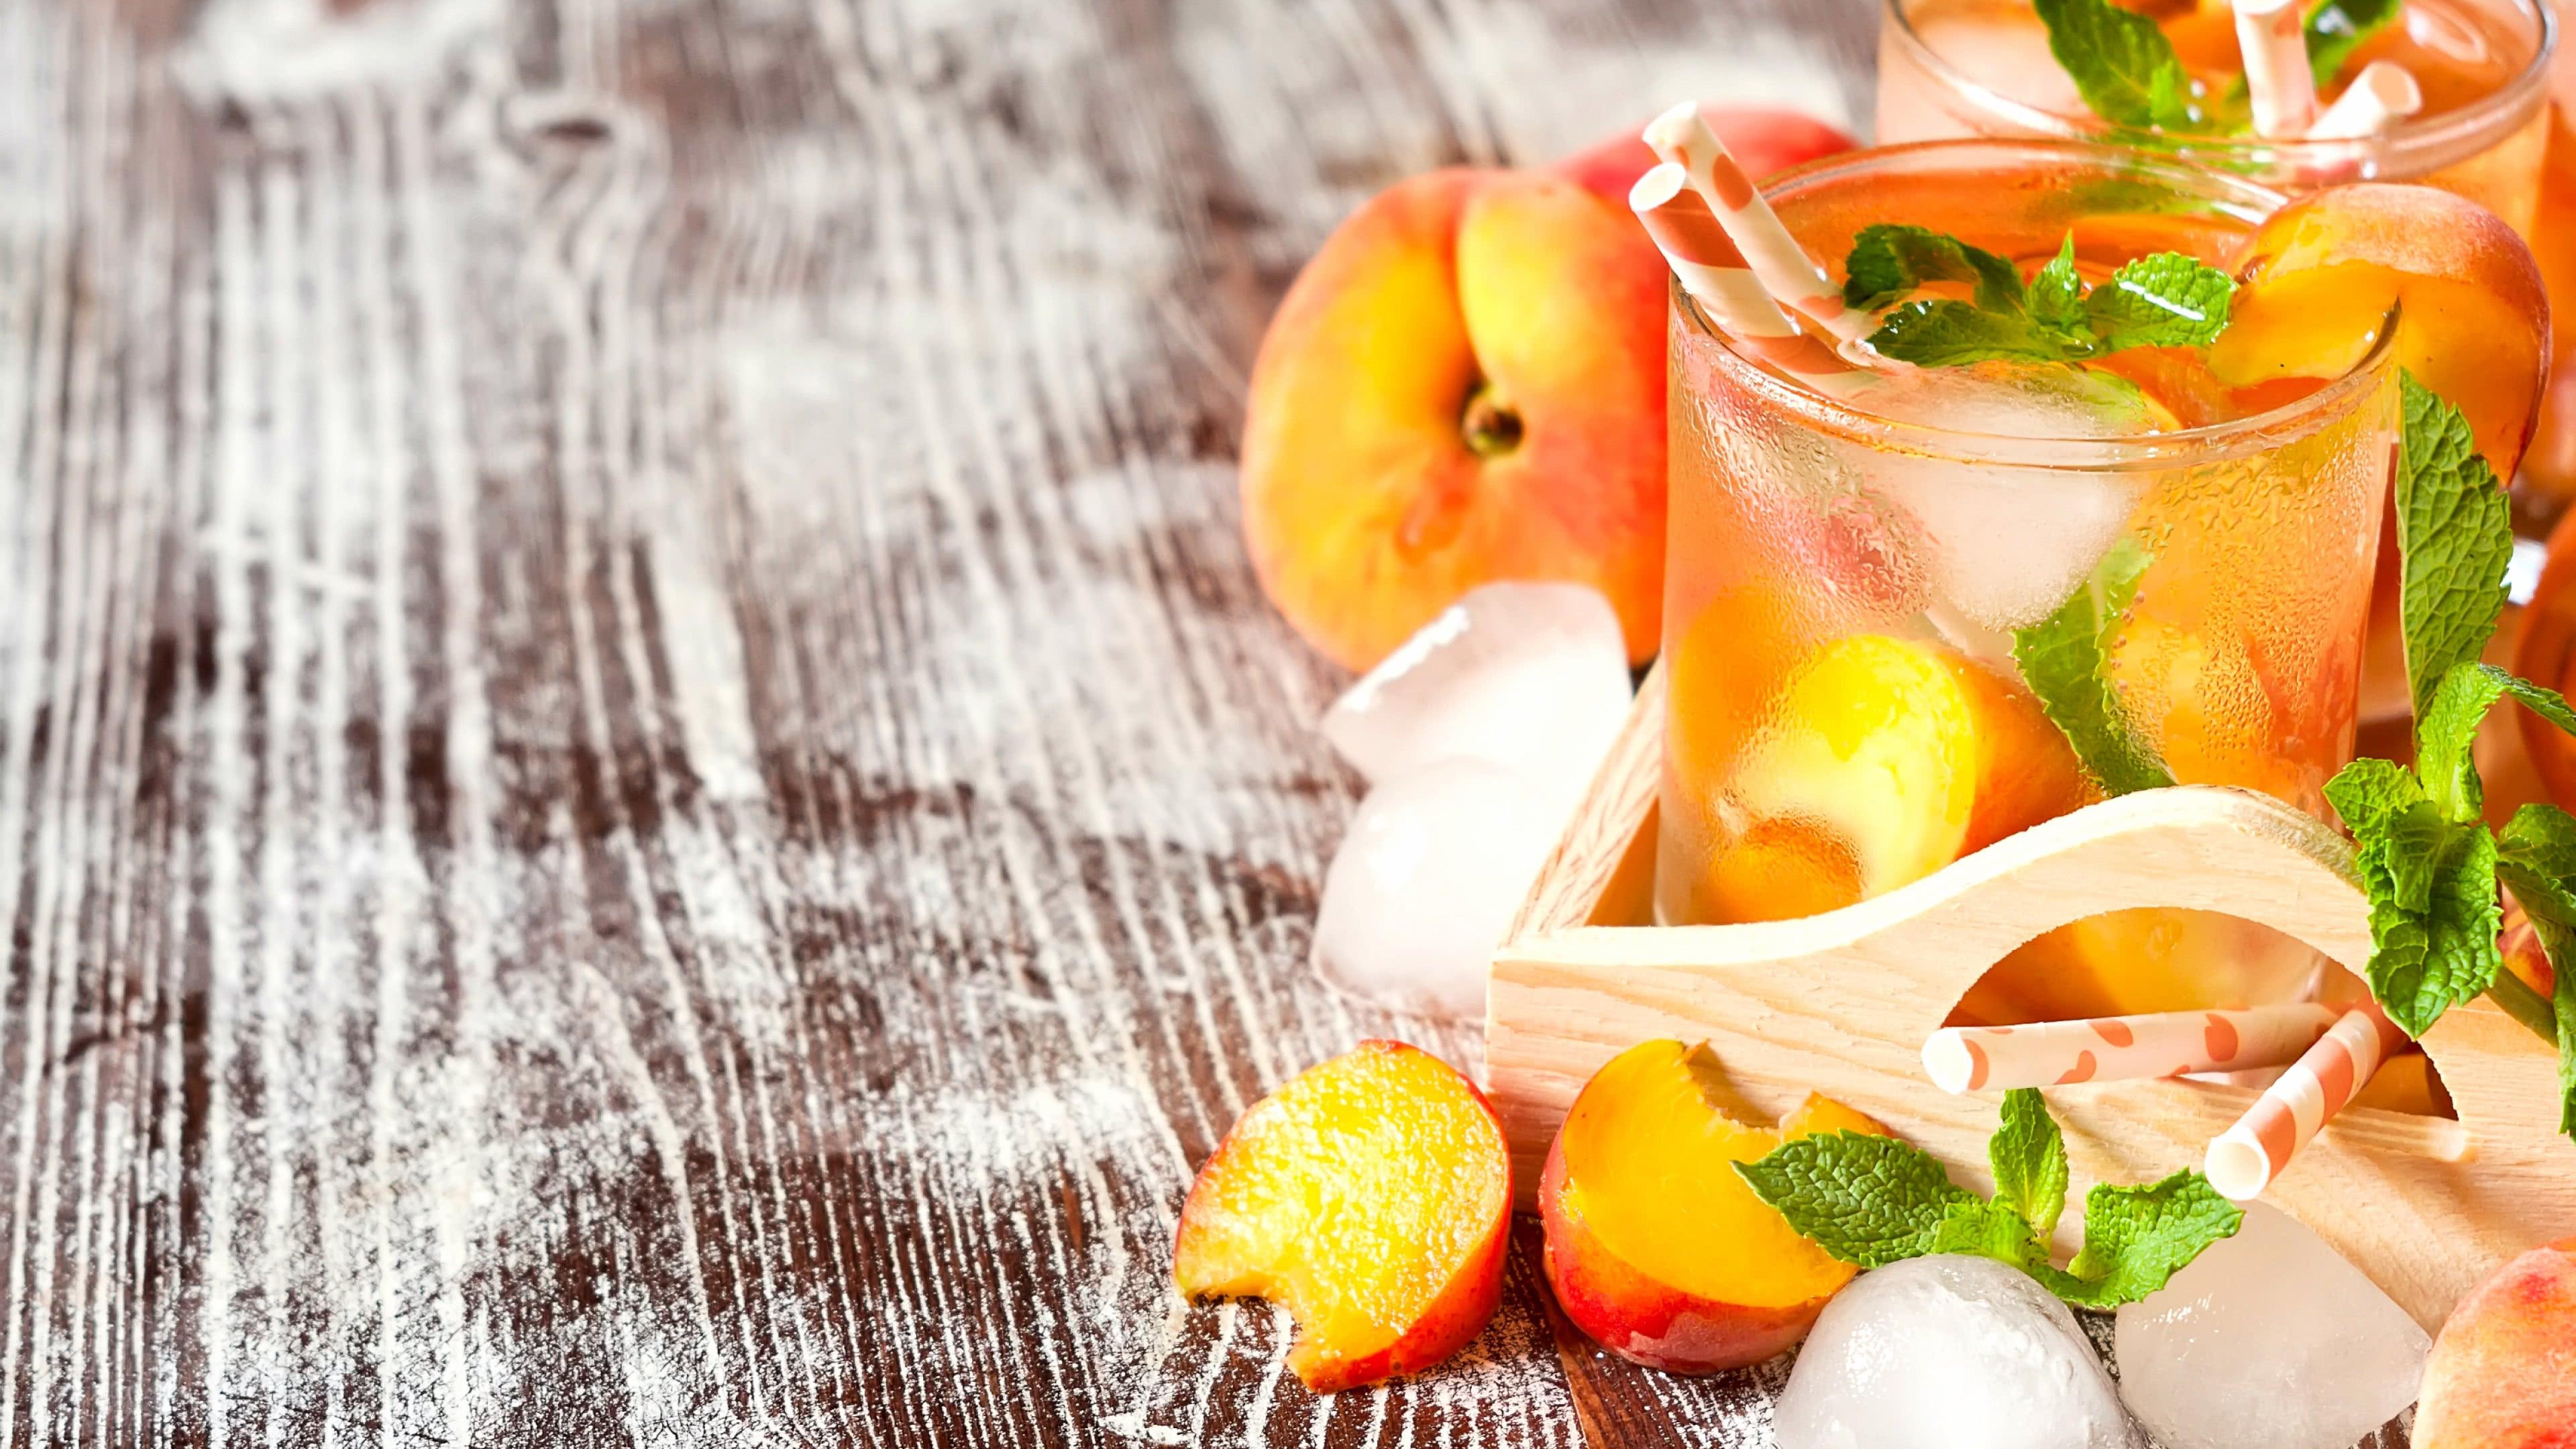 peach cocktail uhd 4k wallpaper